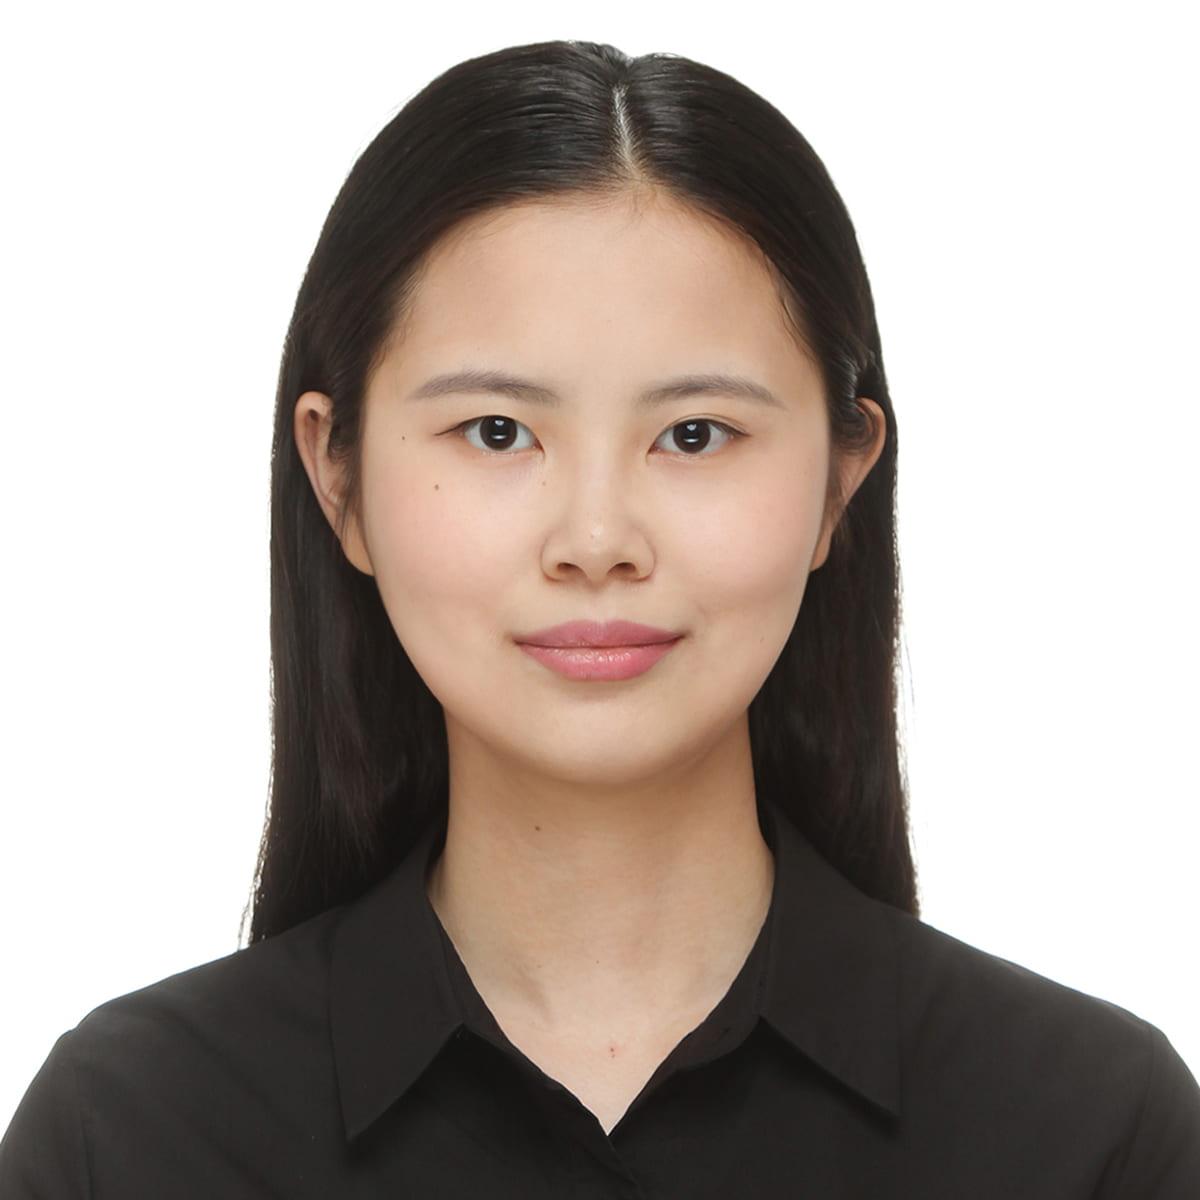 Yiqi Shao